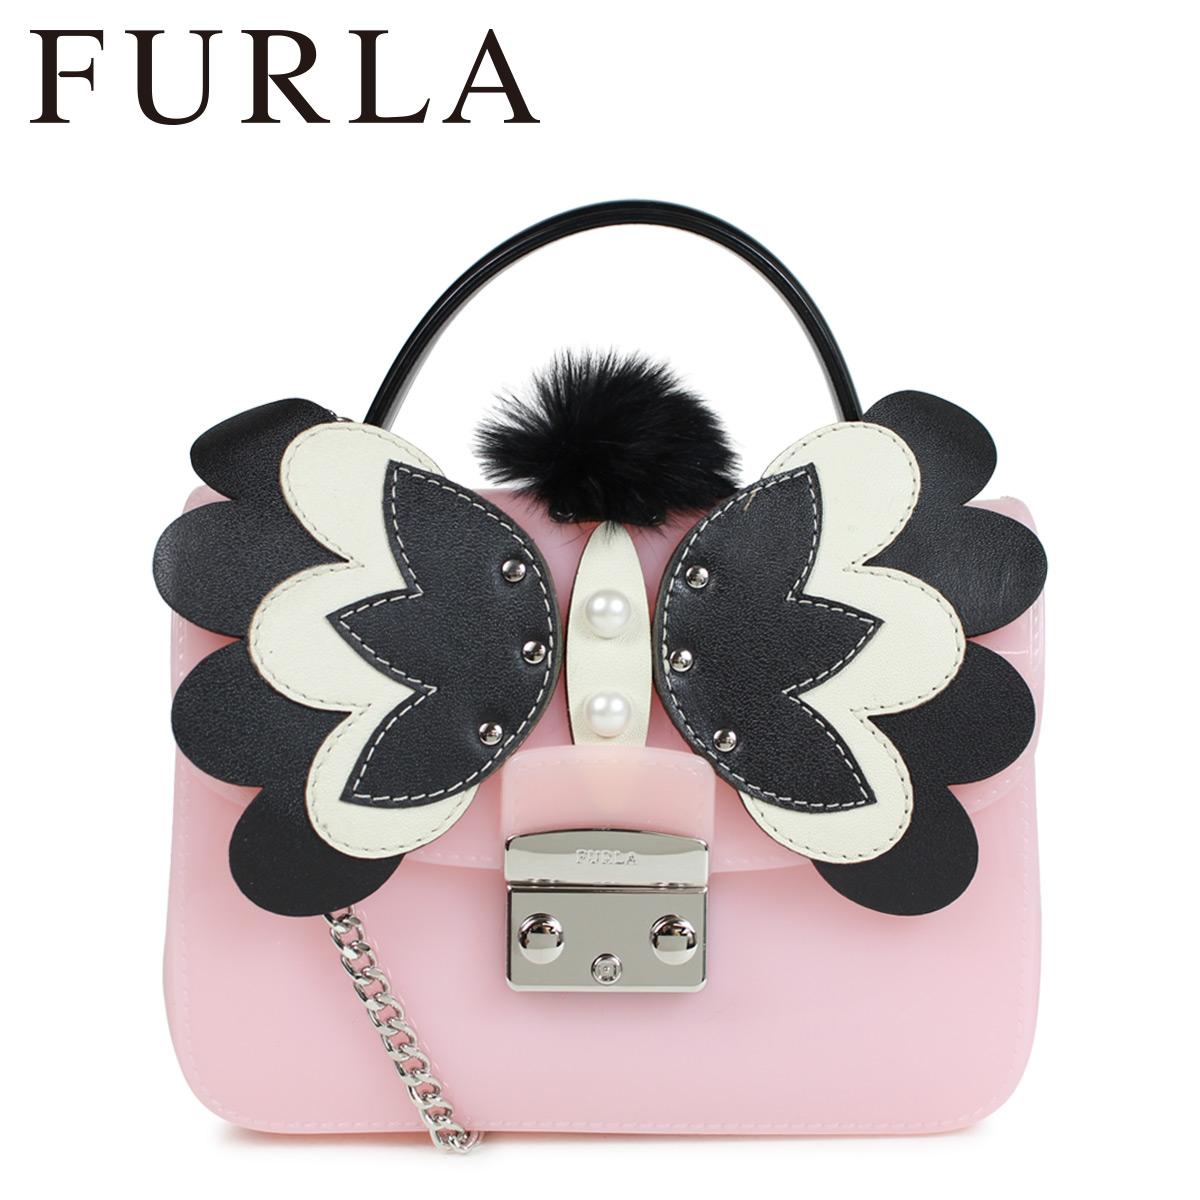 FURLA CANDY MELITA SHOULDER BAG フルラ バッグ ショルダーバッグ レディース ピンク 969916